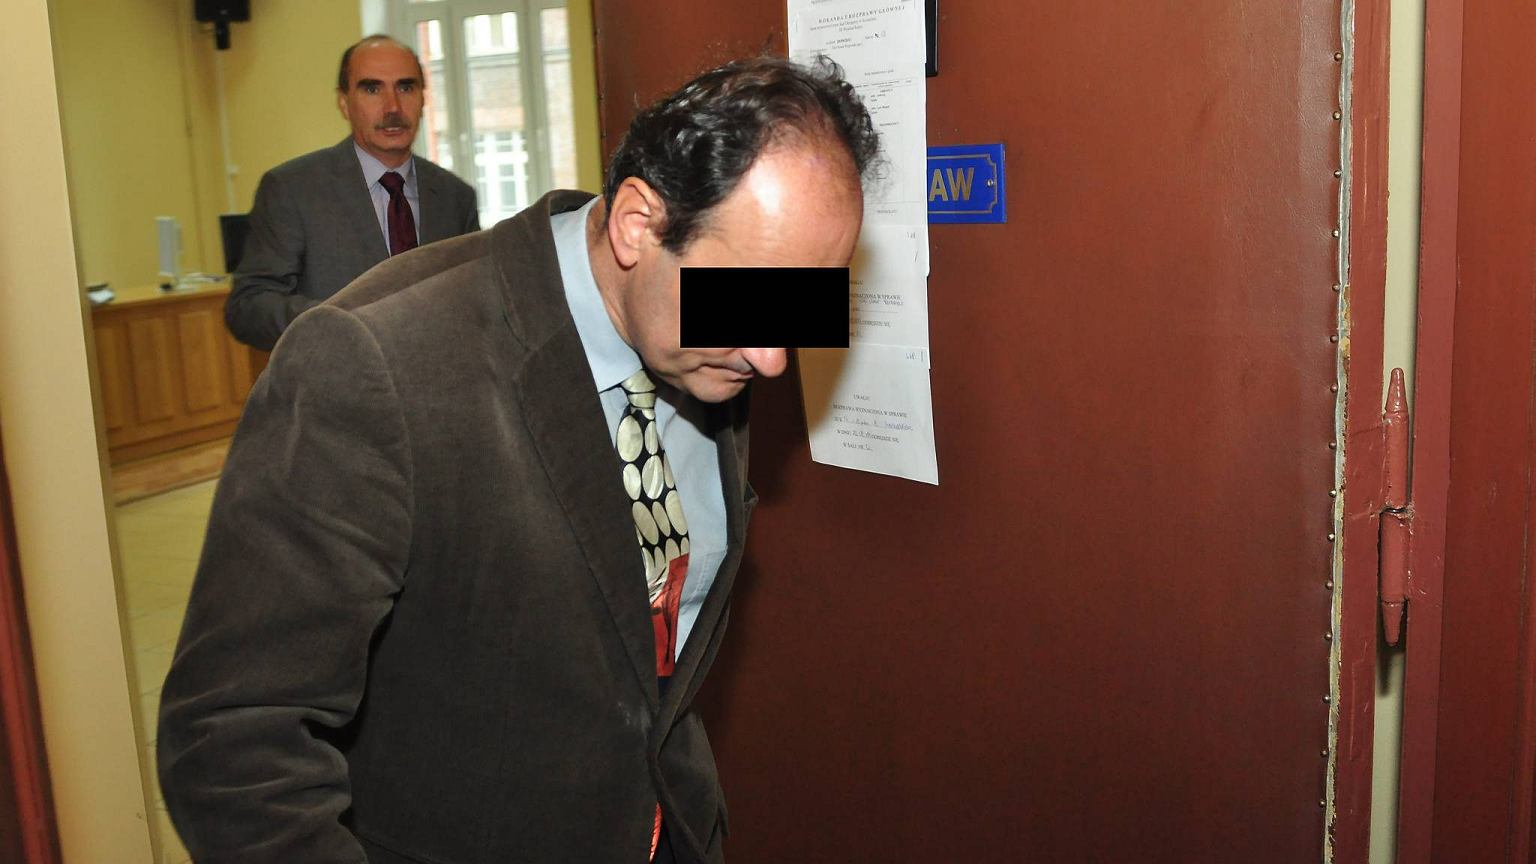 Czy prowokacja dziennikarska była nielegalna  Adwokat oskarżony o  fałszerstwa skarży się fe8d15bdf6